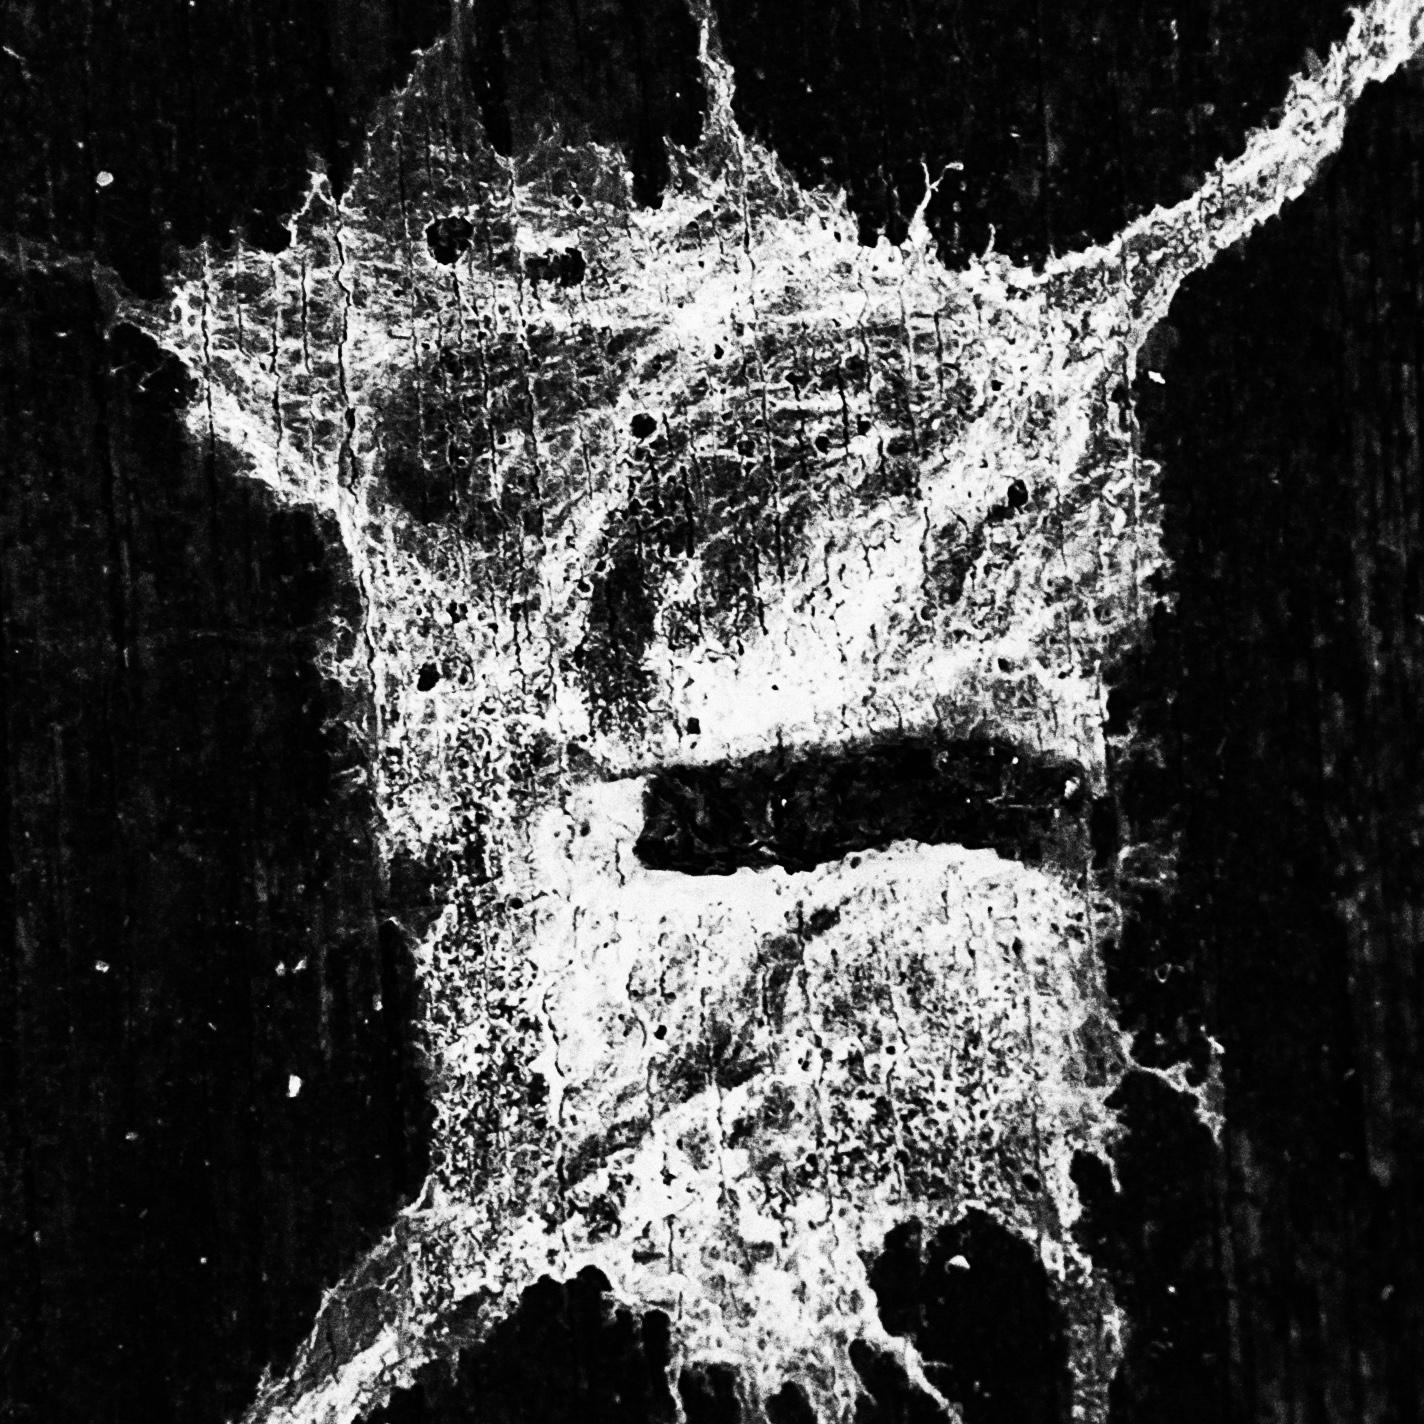 """""""Splat""""                                         © Russell Shakespeare 2016"""